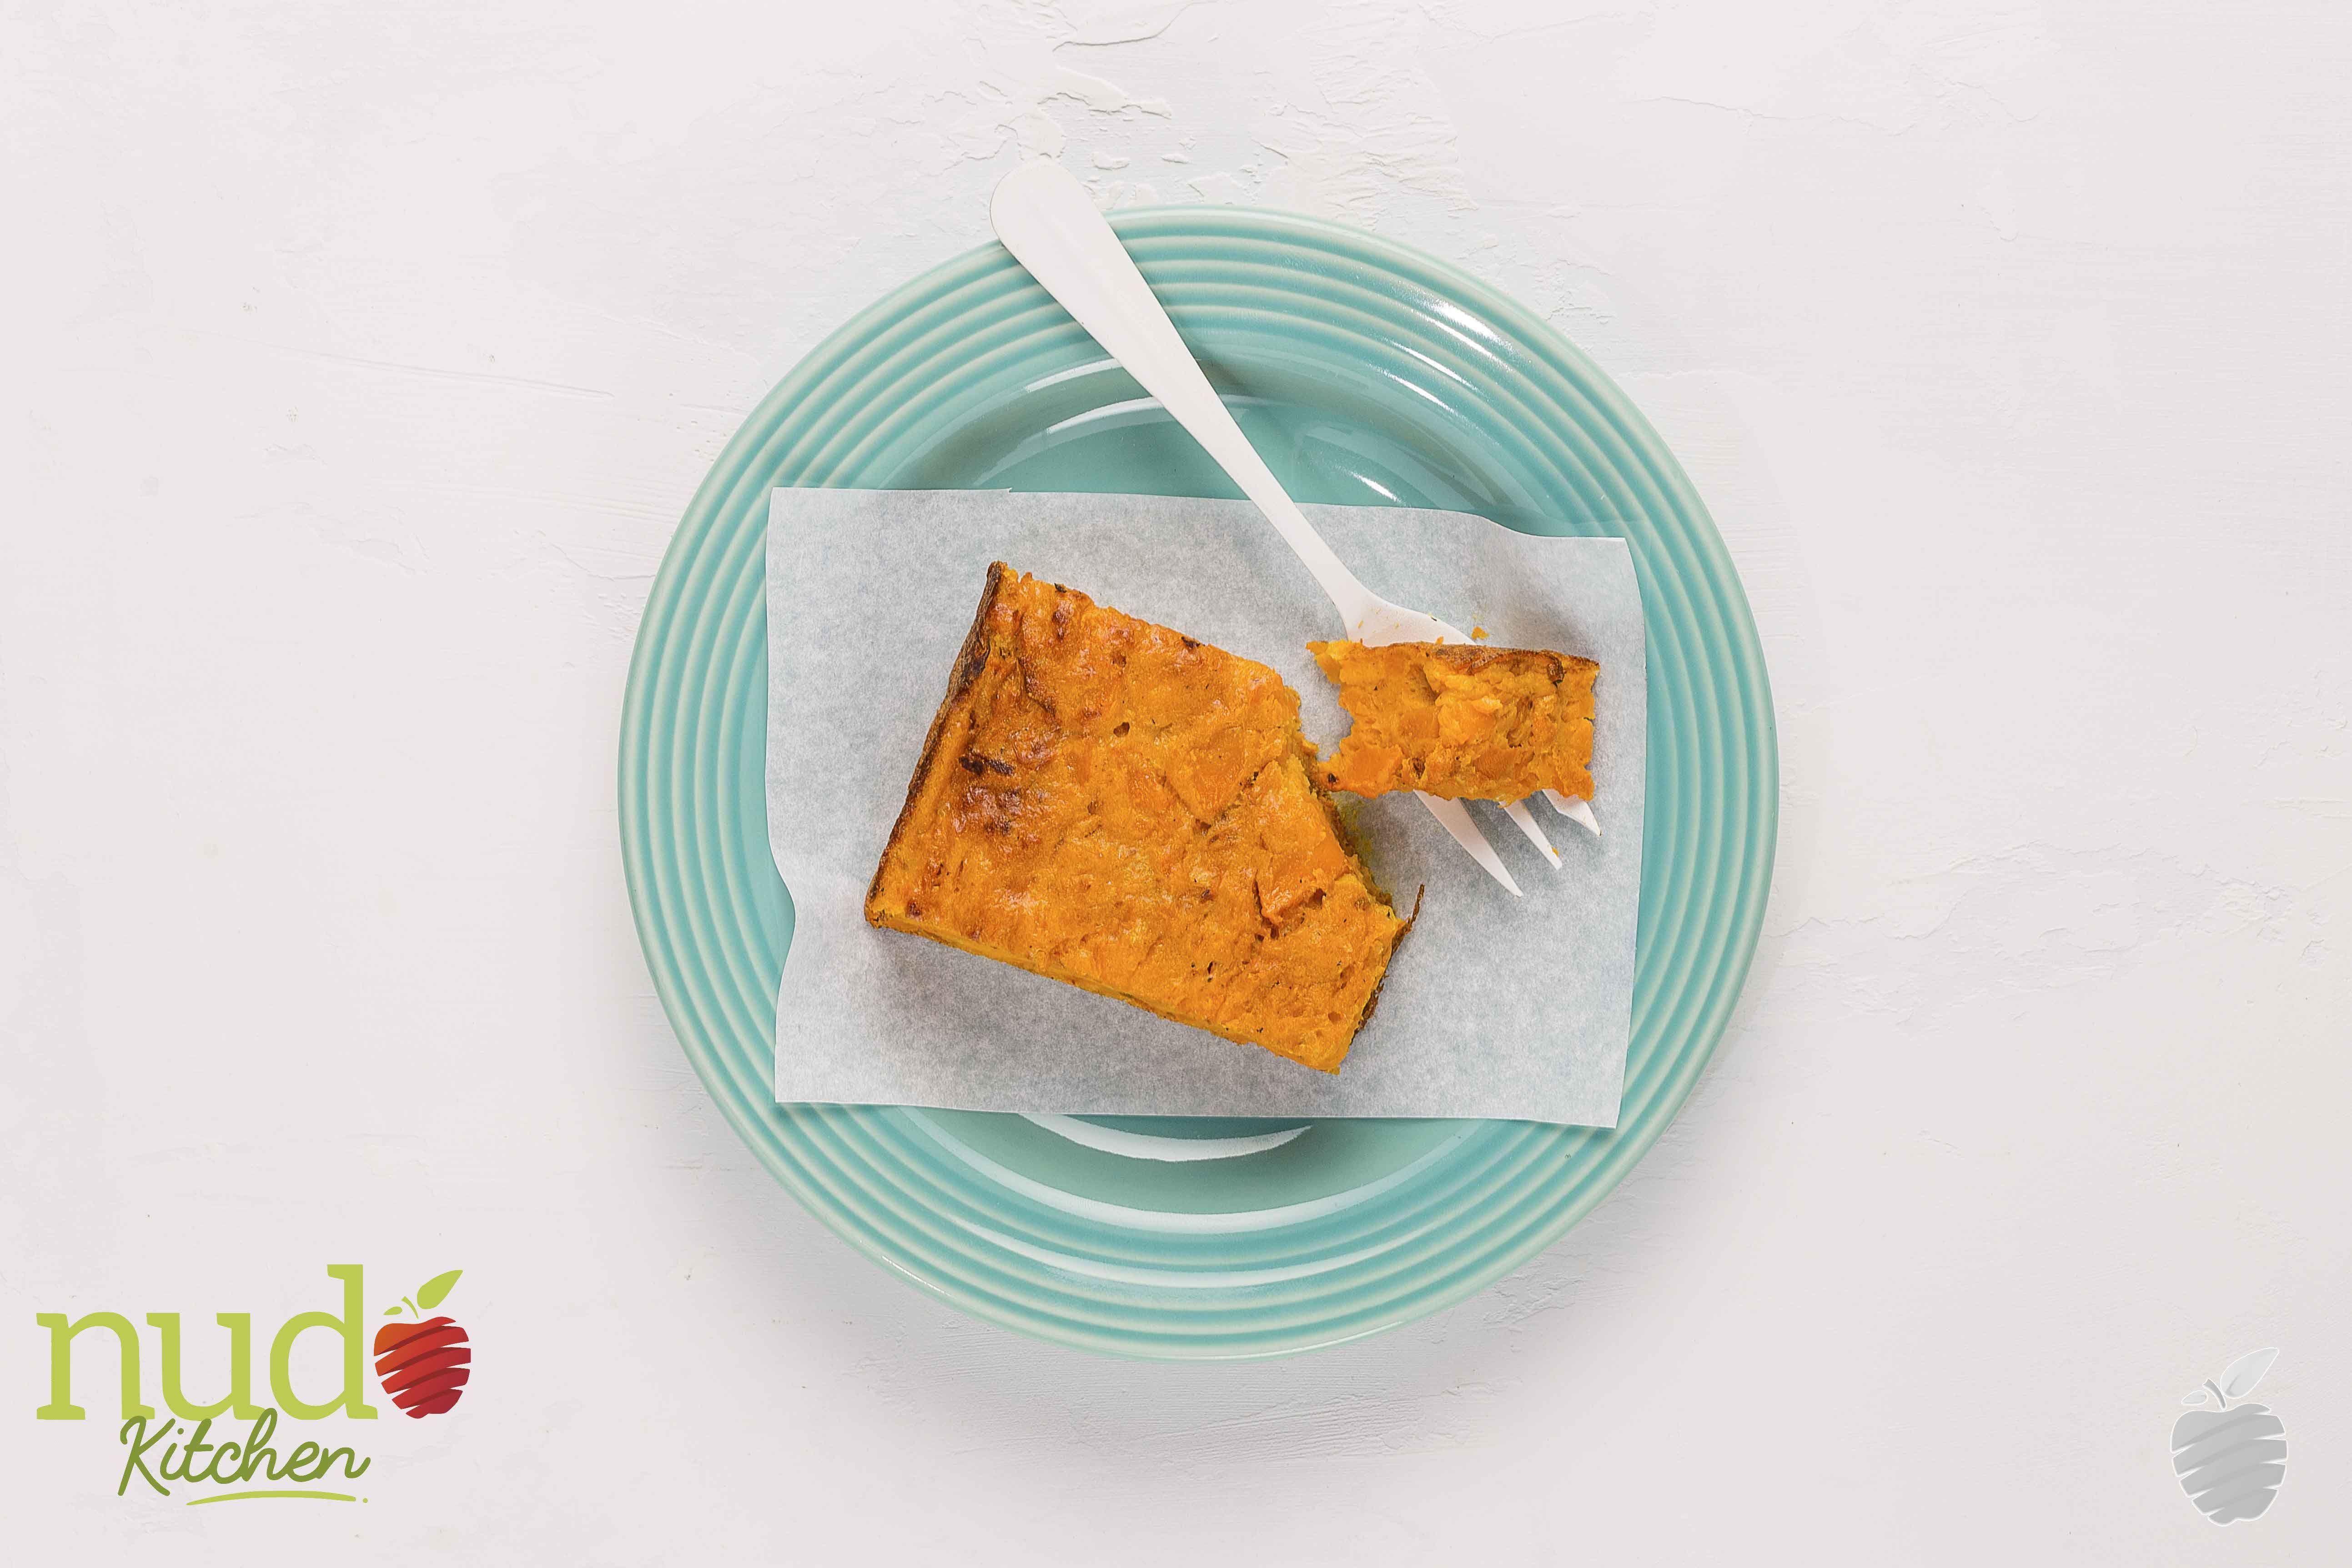 Torta de ahuyama. Mezcla de ahuyama horneada en brasa, con huevos, nuez moscada rallada y queso fresco, cocida al horno.